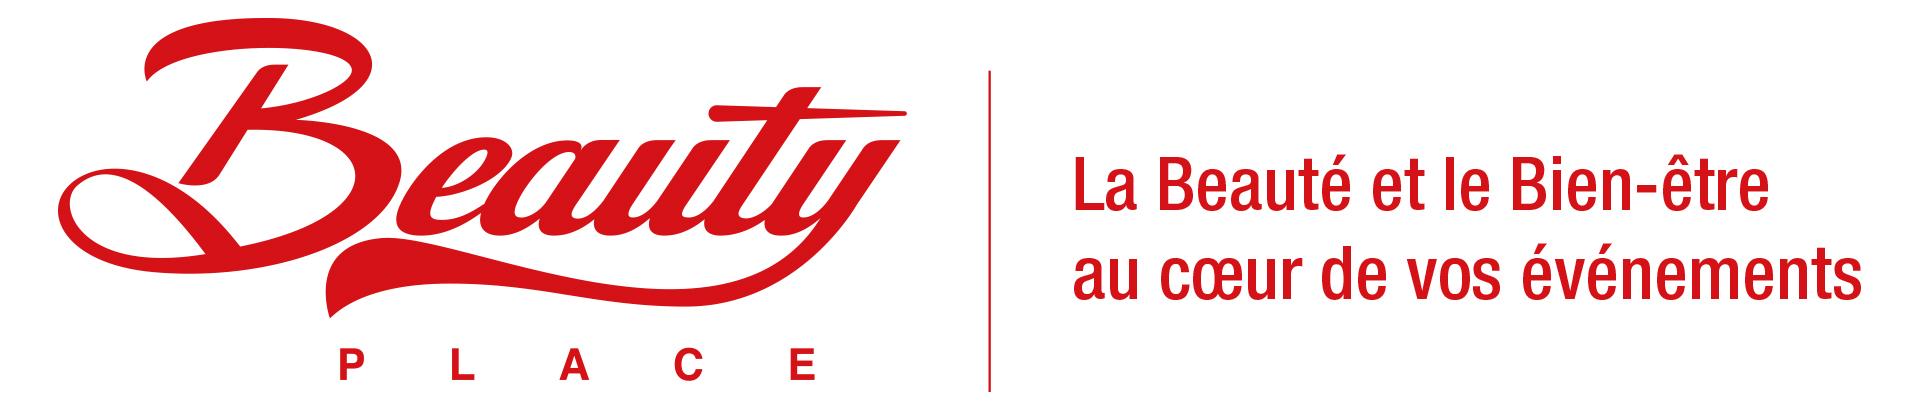 Un nouveau logo pour une nouvelle année qui s'annonce.